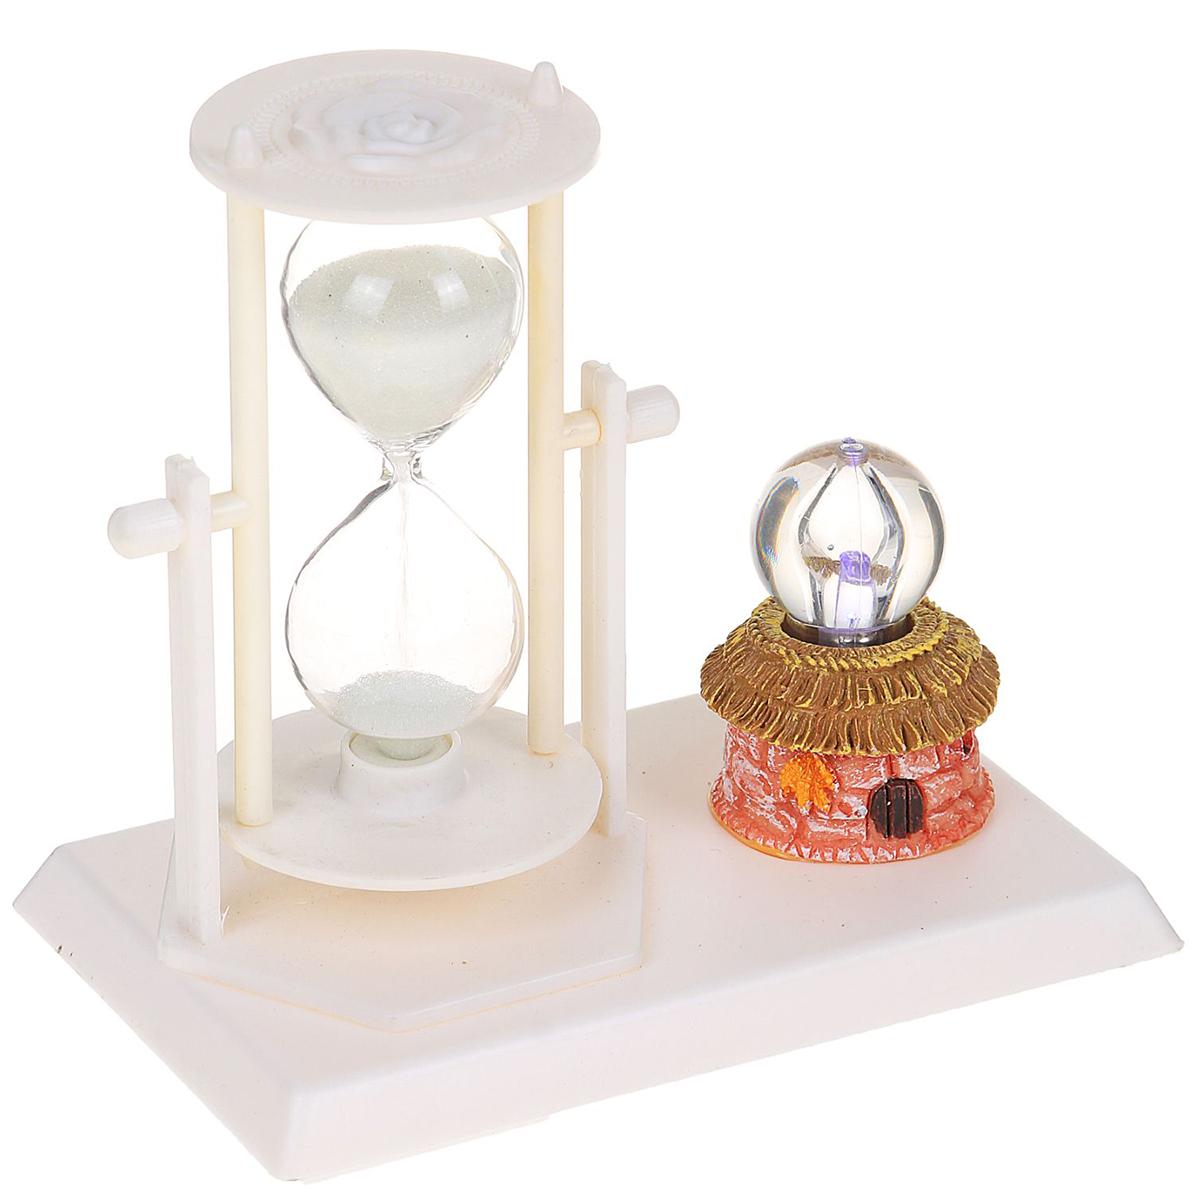 Песочные часы Цветы. Хрустальный шар, цвет: белый, 14 х 13 х 9 см хочу продать свою квартиру которая менее 3х лет и другую какие налоги надо заплатить